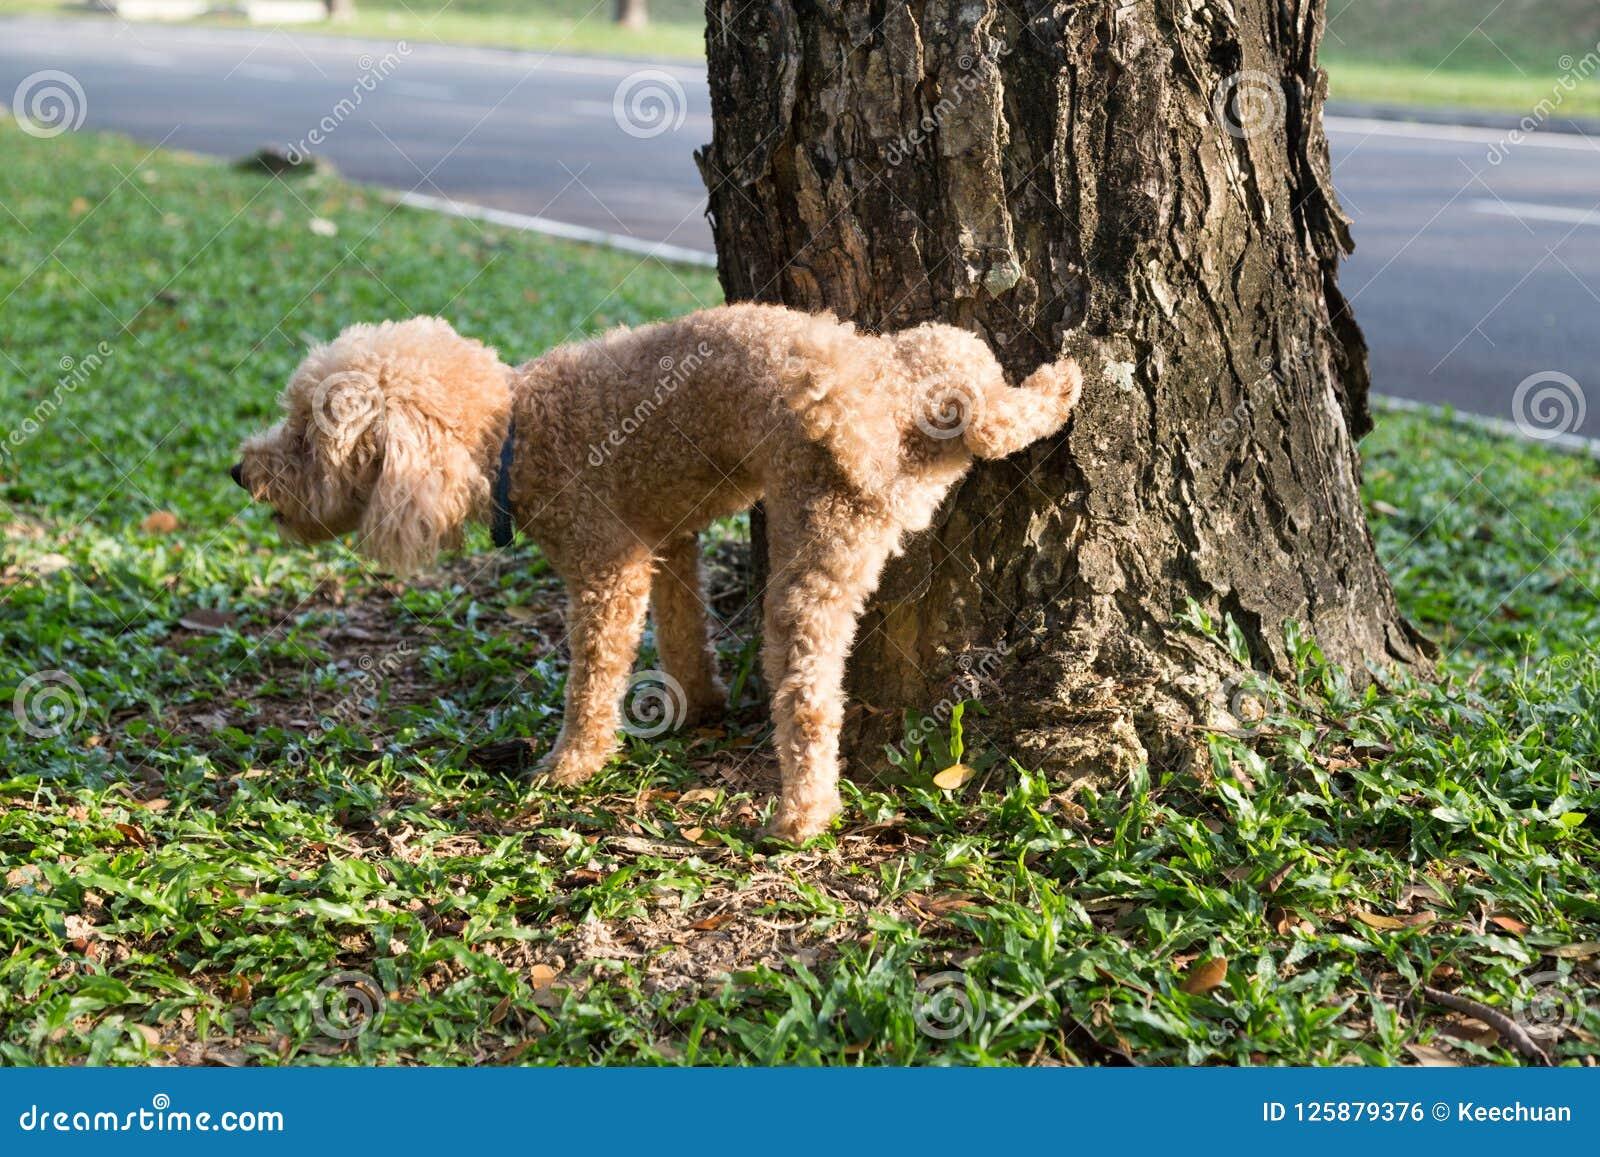 Pis que orina del caniche masculino en el tronco de árbol para marcar el territorio